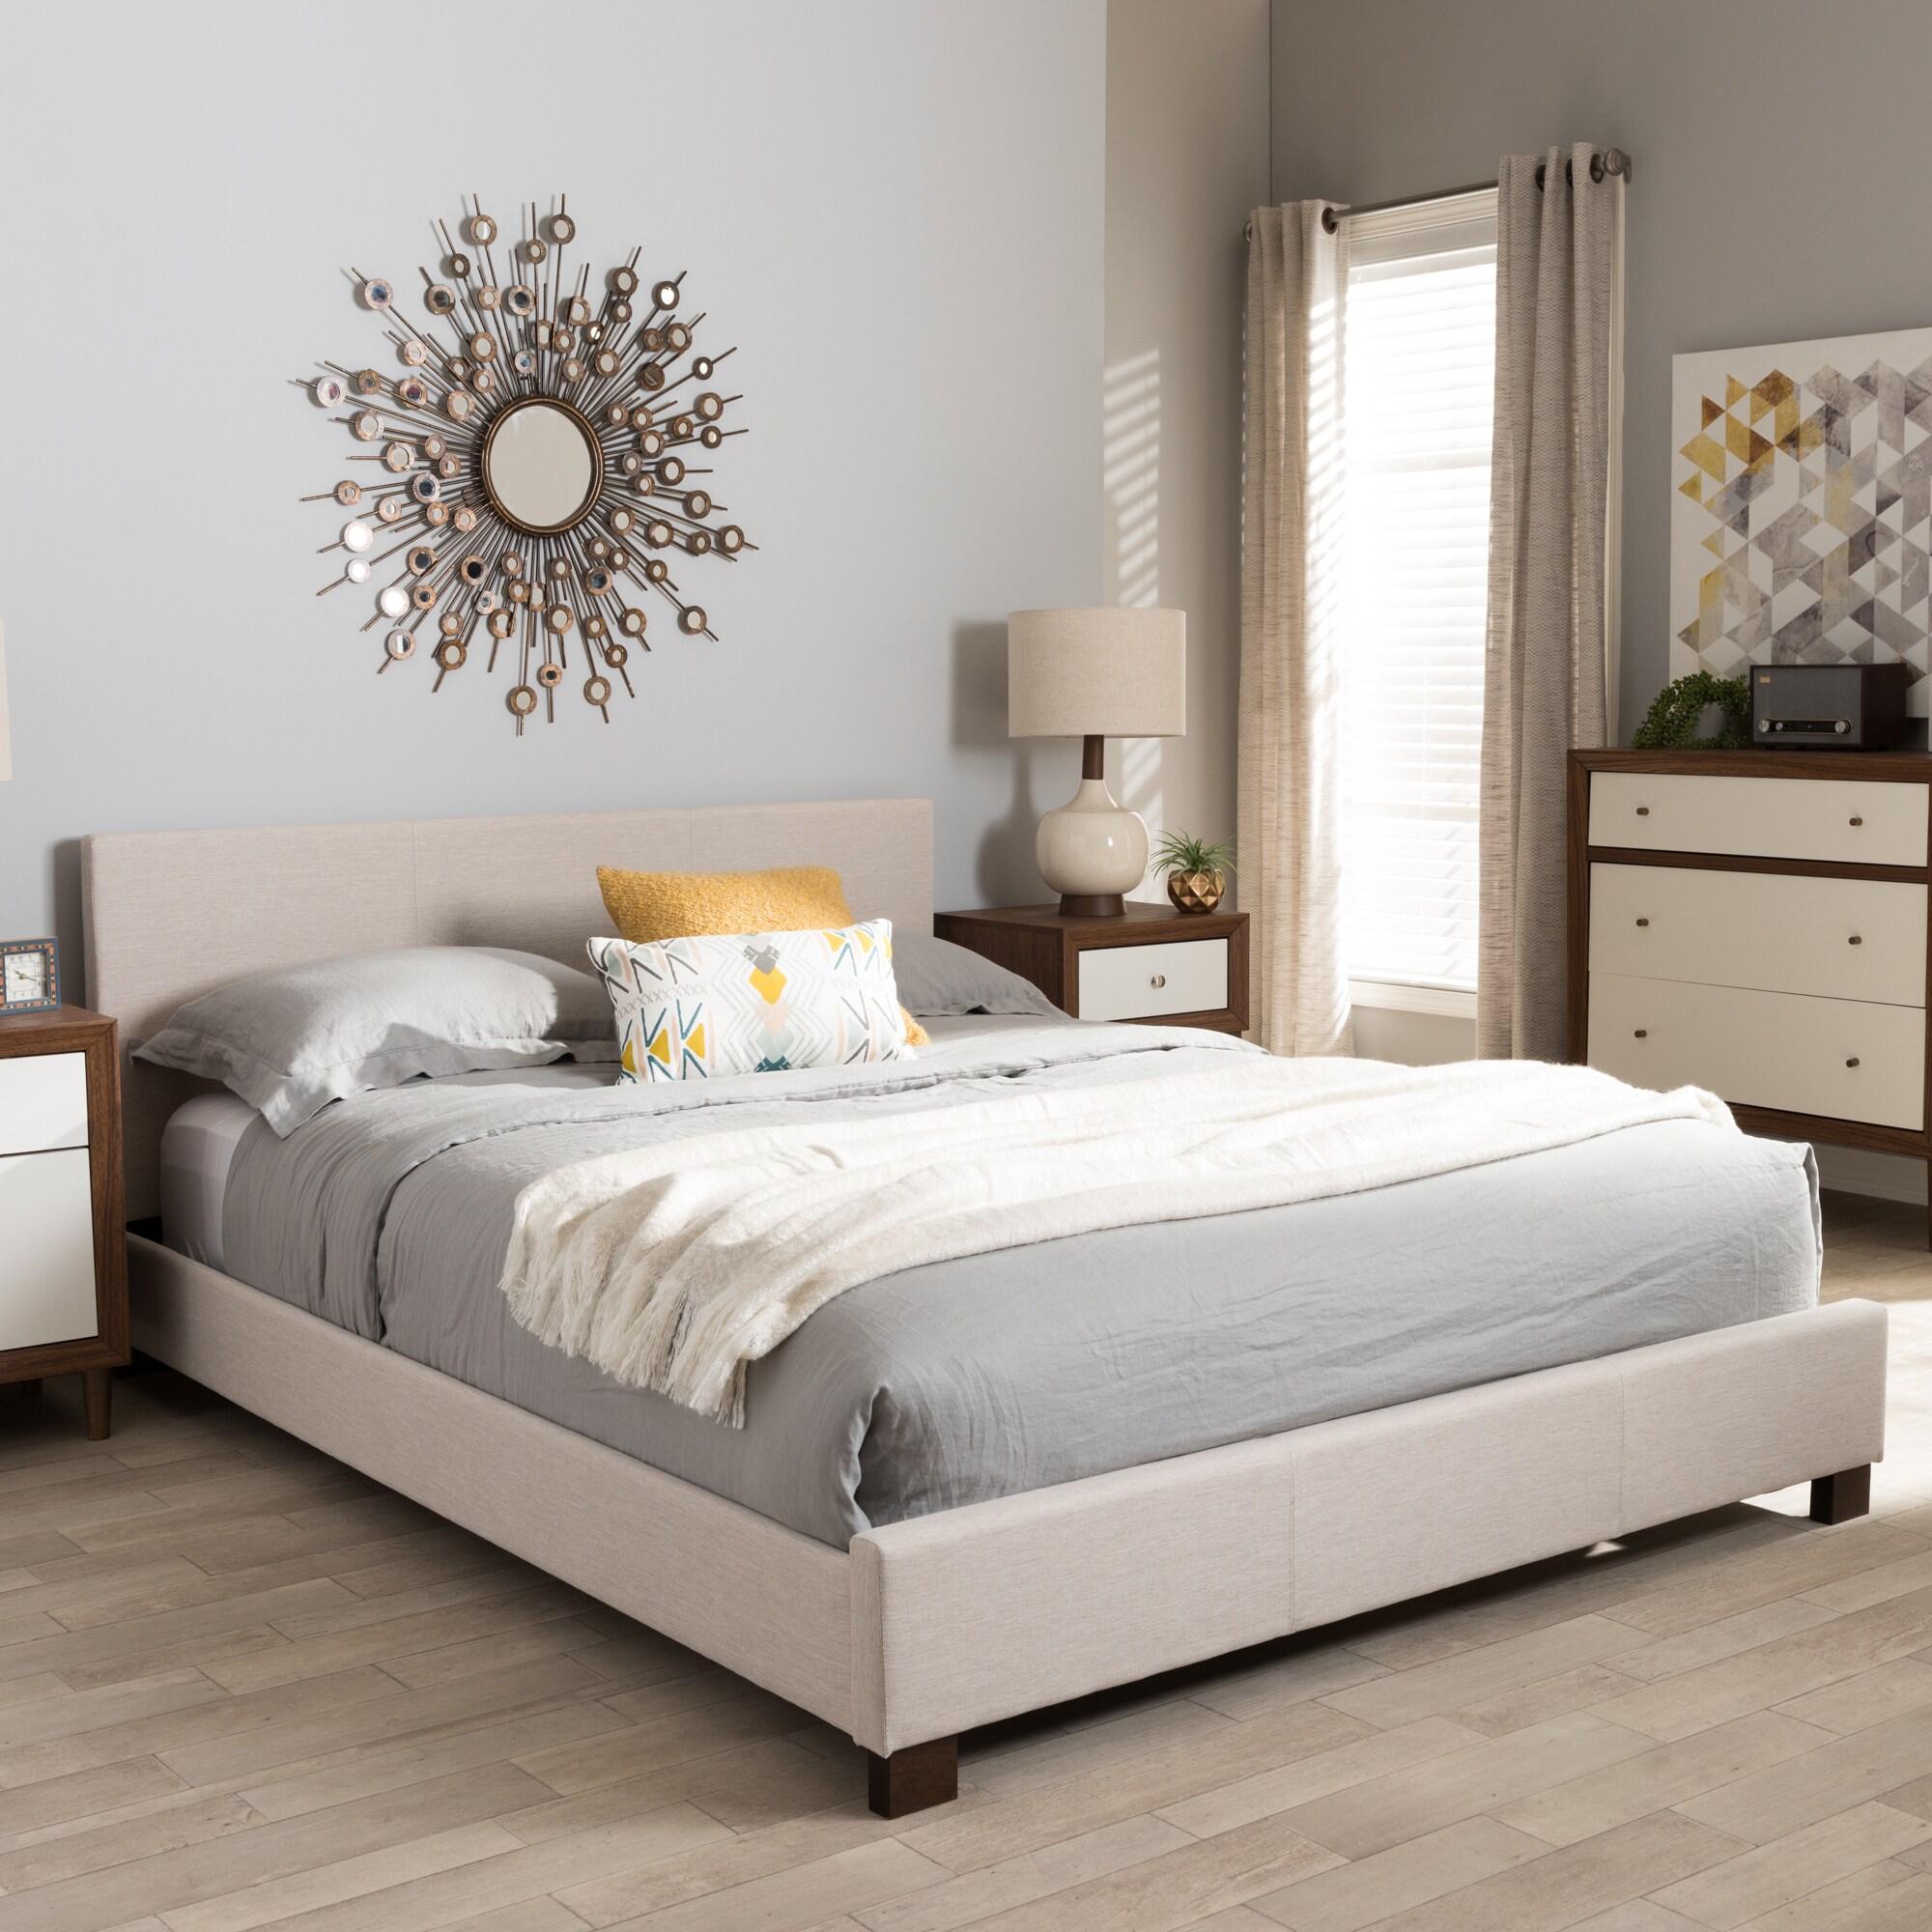 platform furniture upholstered casana bed product hudson